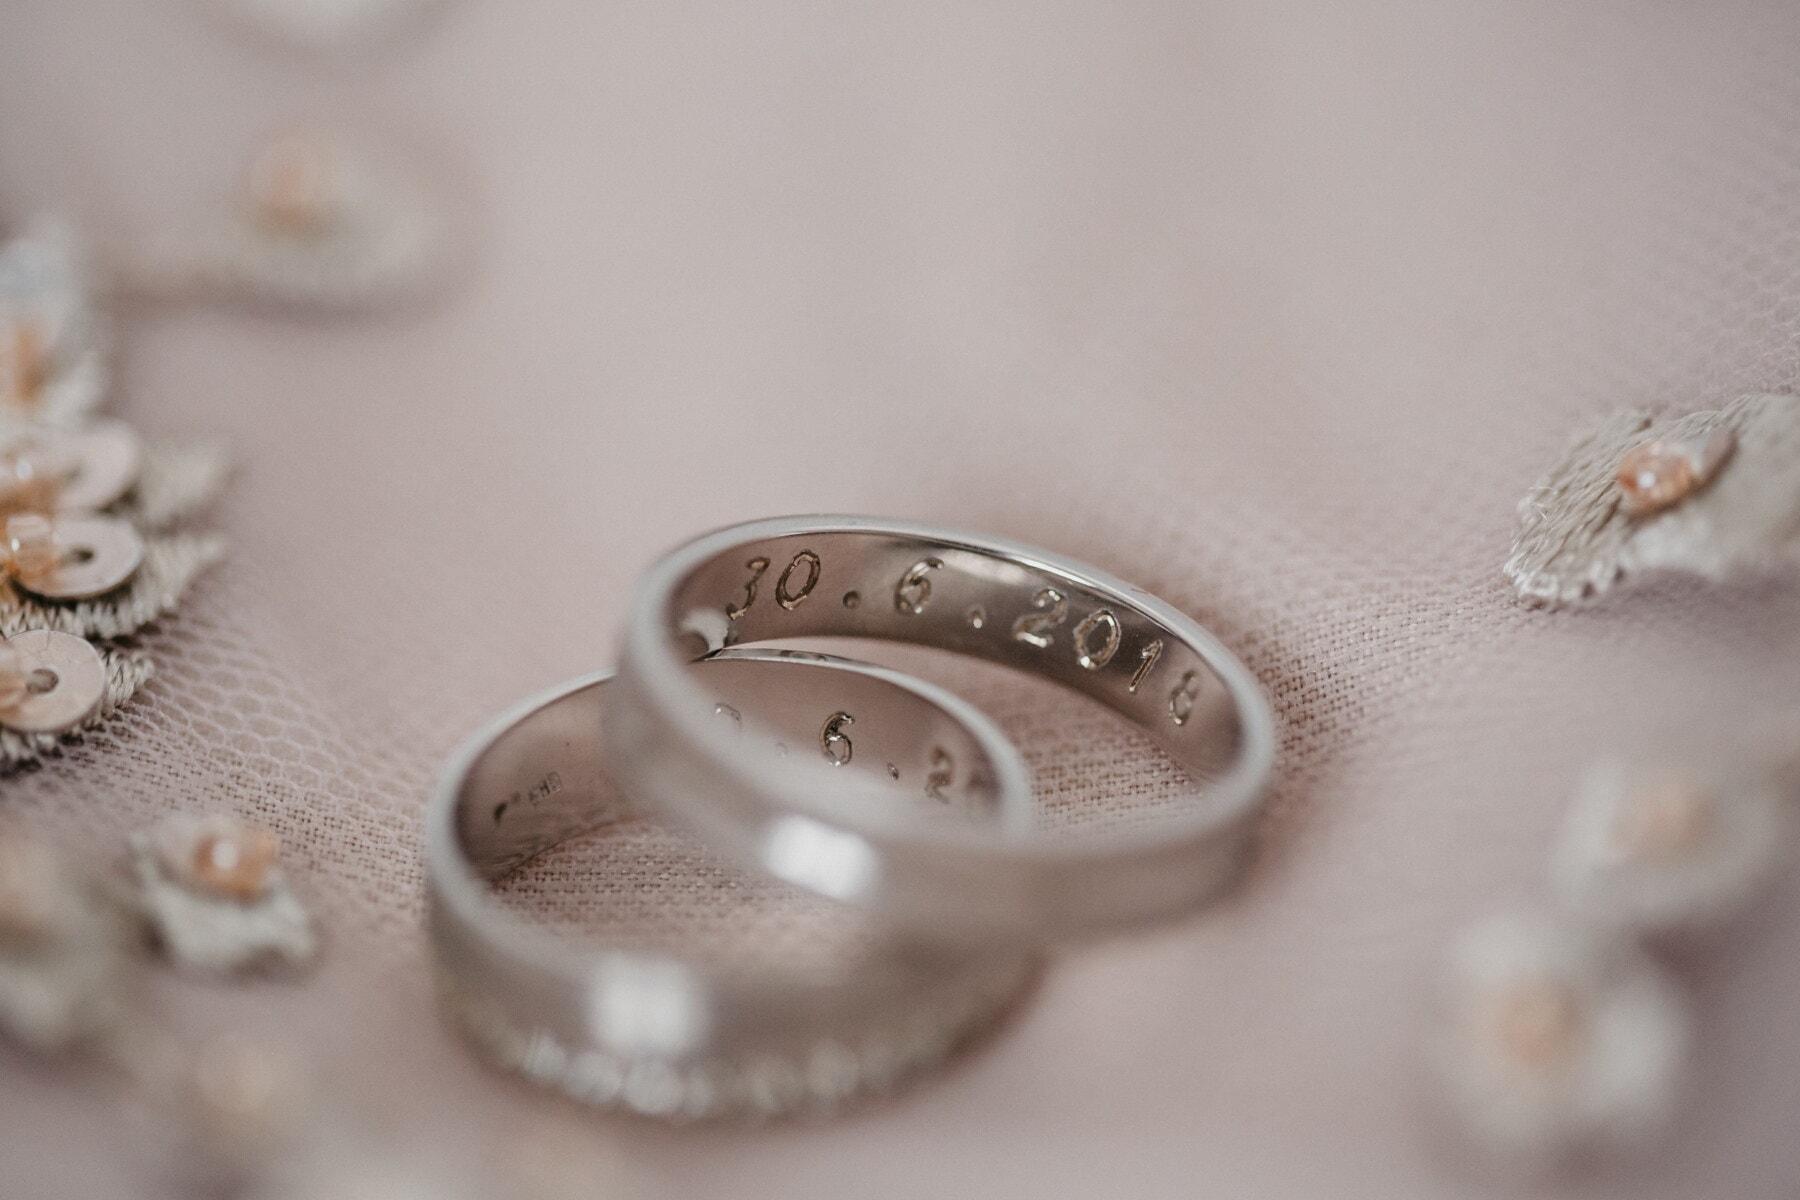 bague de mariage, bijoux, mariage, nature morte, luxe, à l'intérieur, fermer, amour, traditionnel, Or